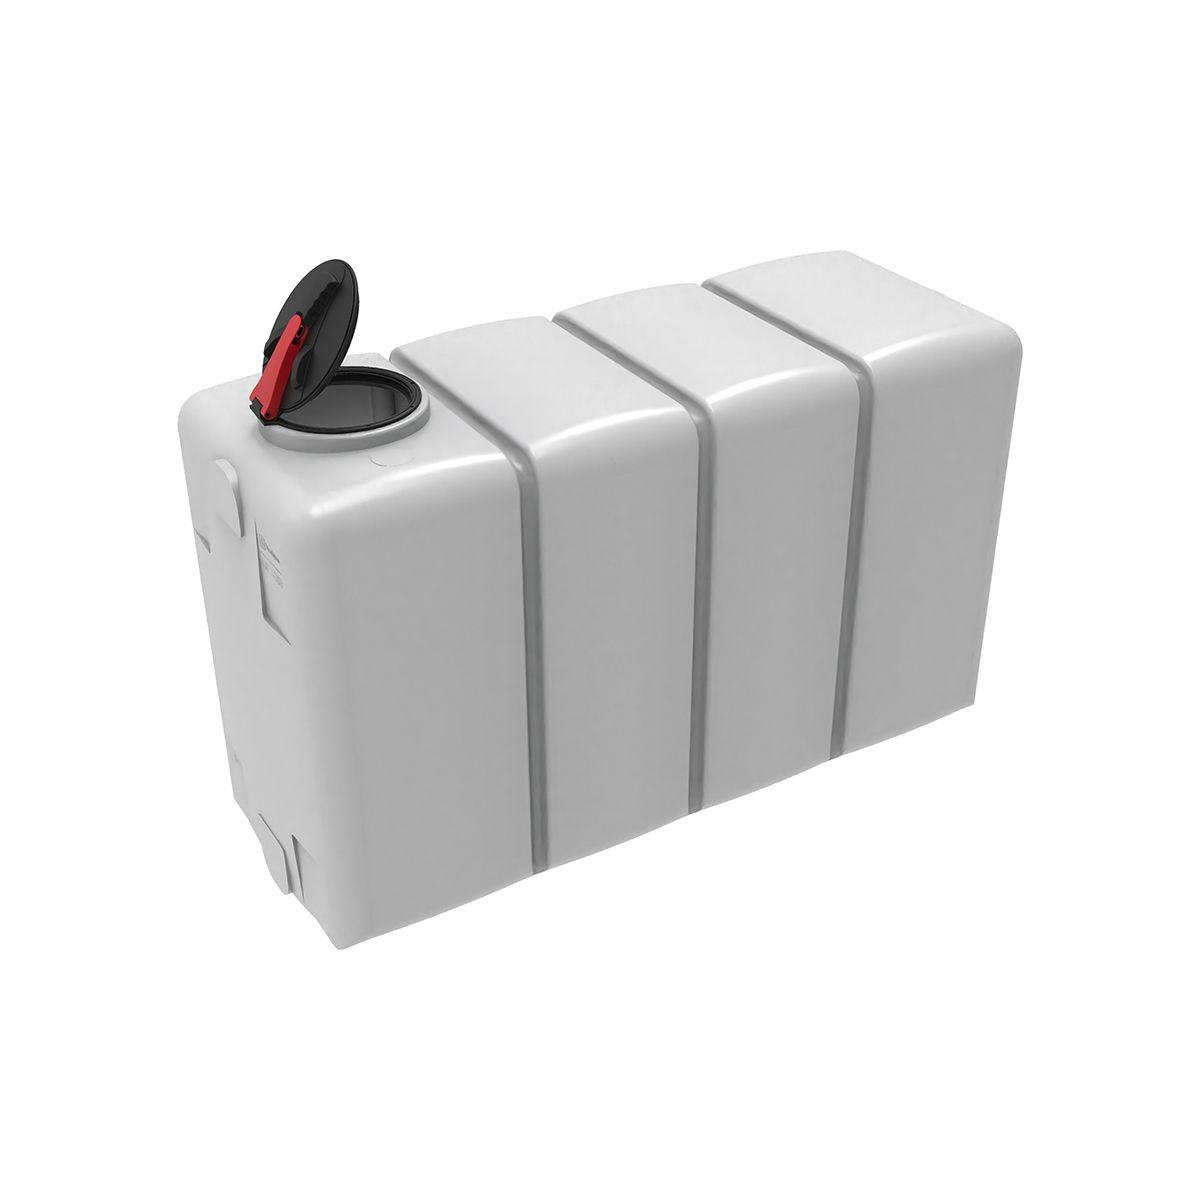 Емкость KR 4000 пластиковая прямоугольная с откидной крышкой